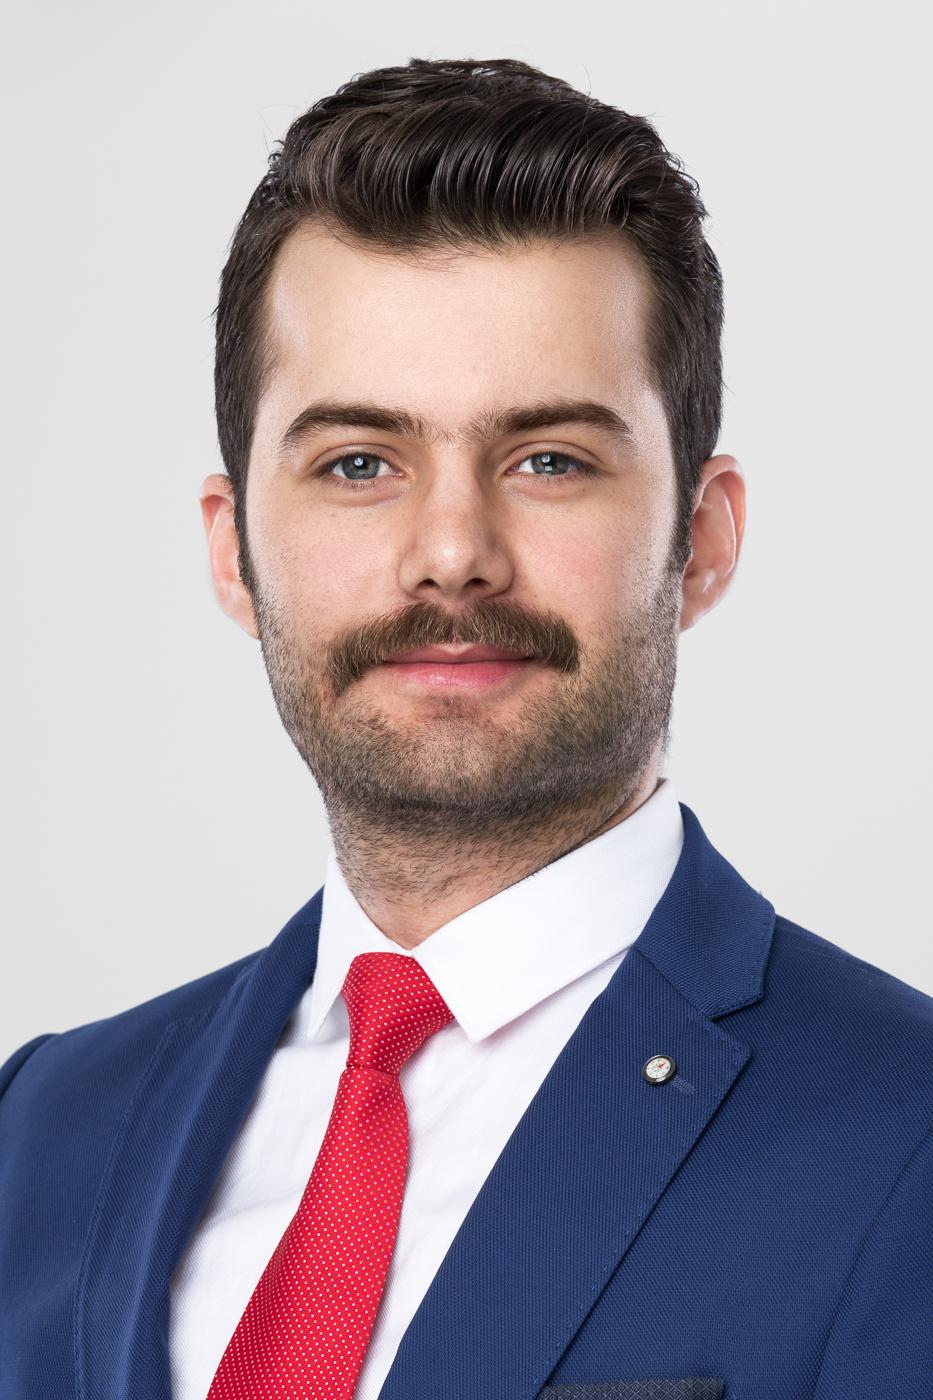 Specjalista do spraw finansowych - fotografia wizerunkowa